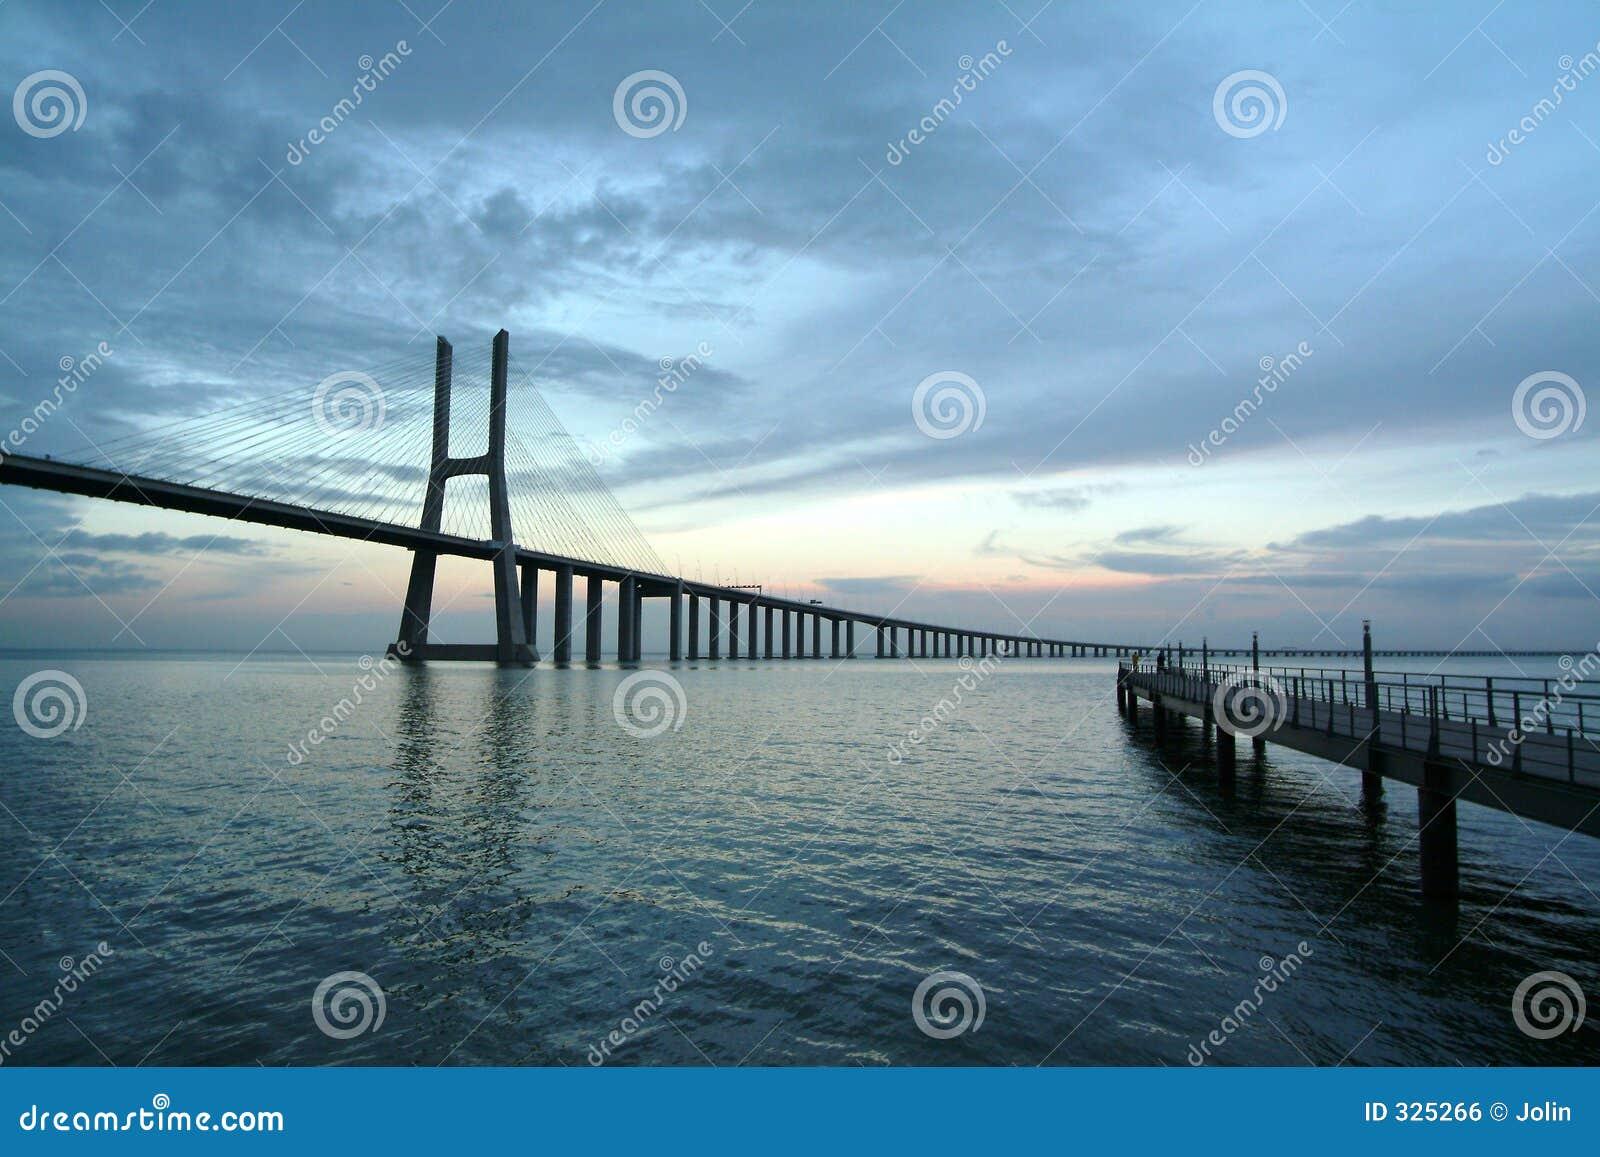 Bridges at sunrise